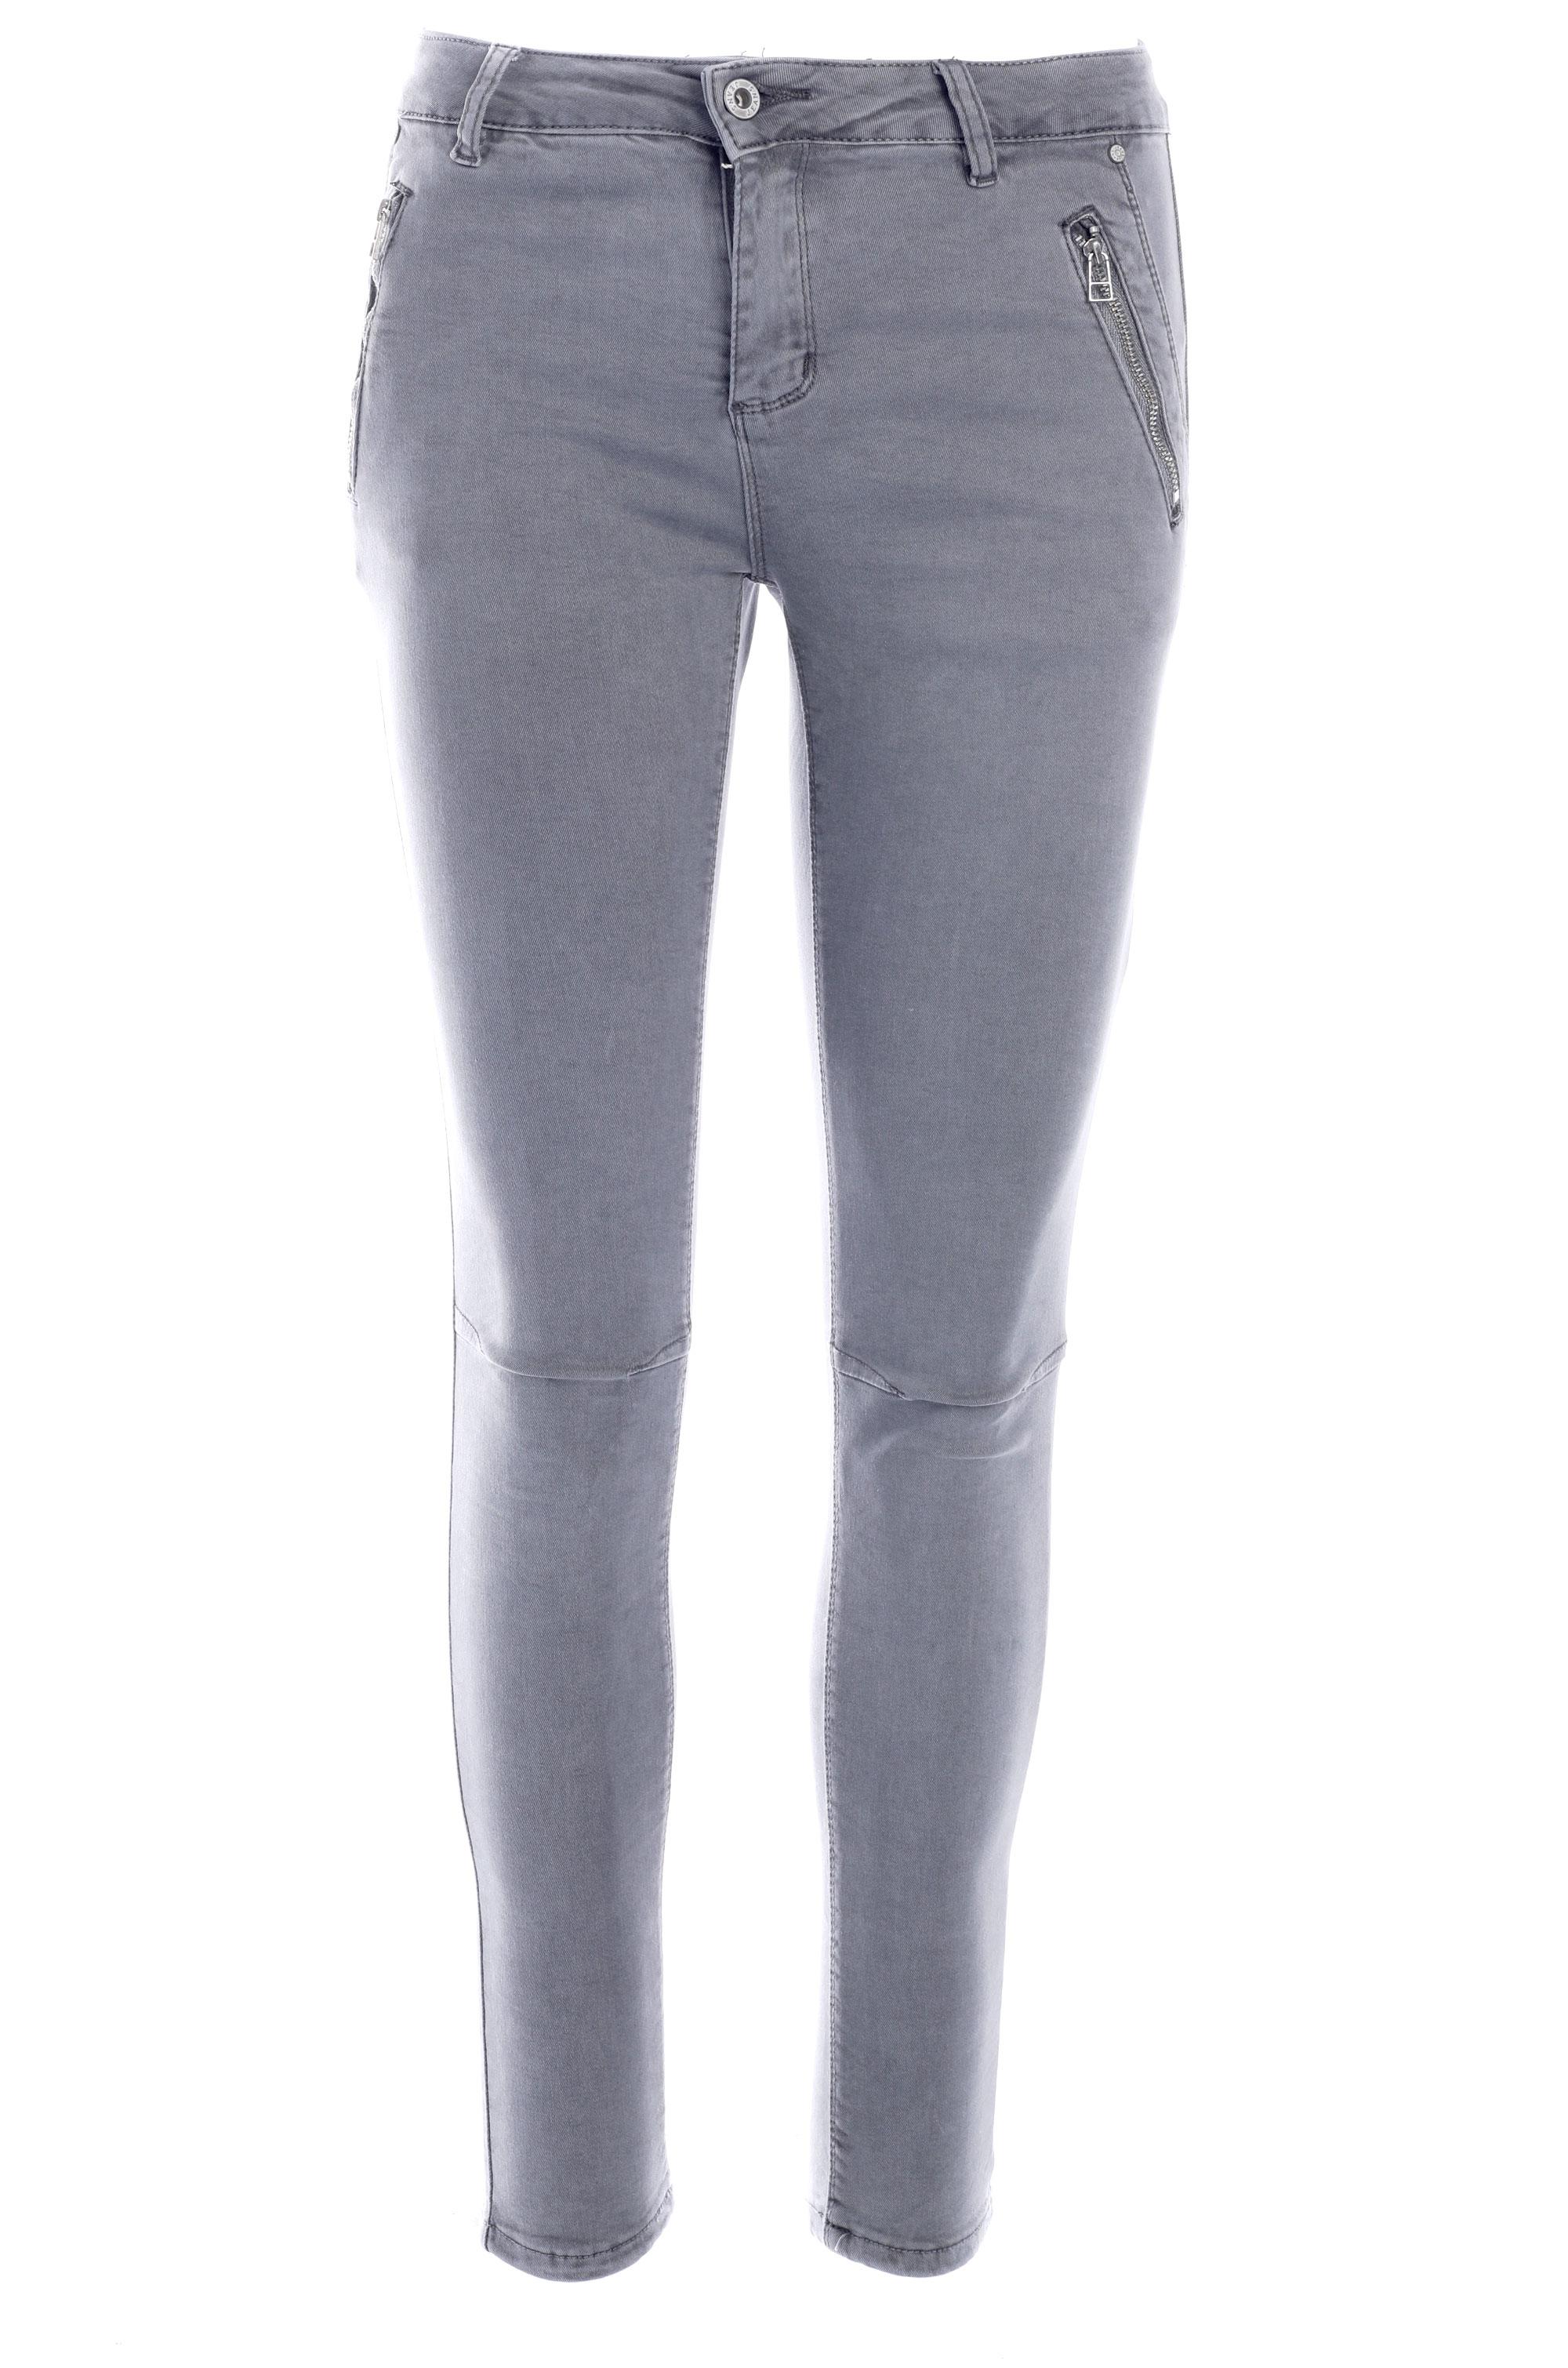 Spodnie - 154-9920 GRIG - Unisono